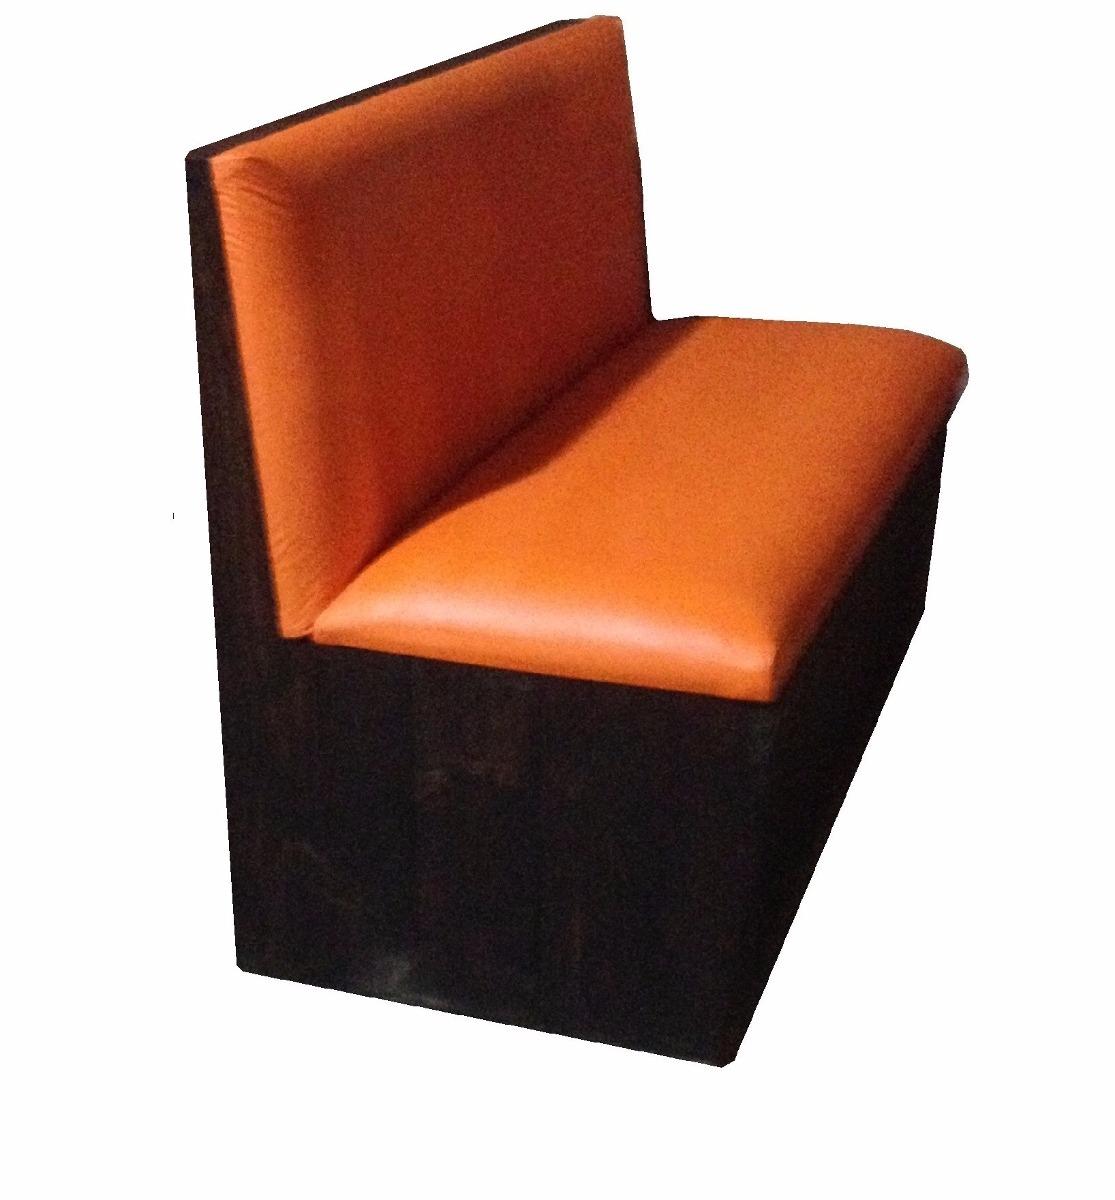 Muebles mayoral tonala obtenga ideas dise o de muebles for Muebles gonzalez gernika